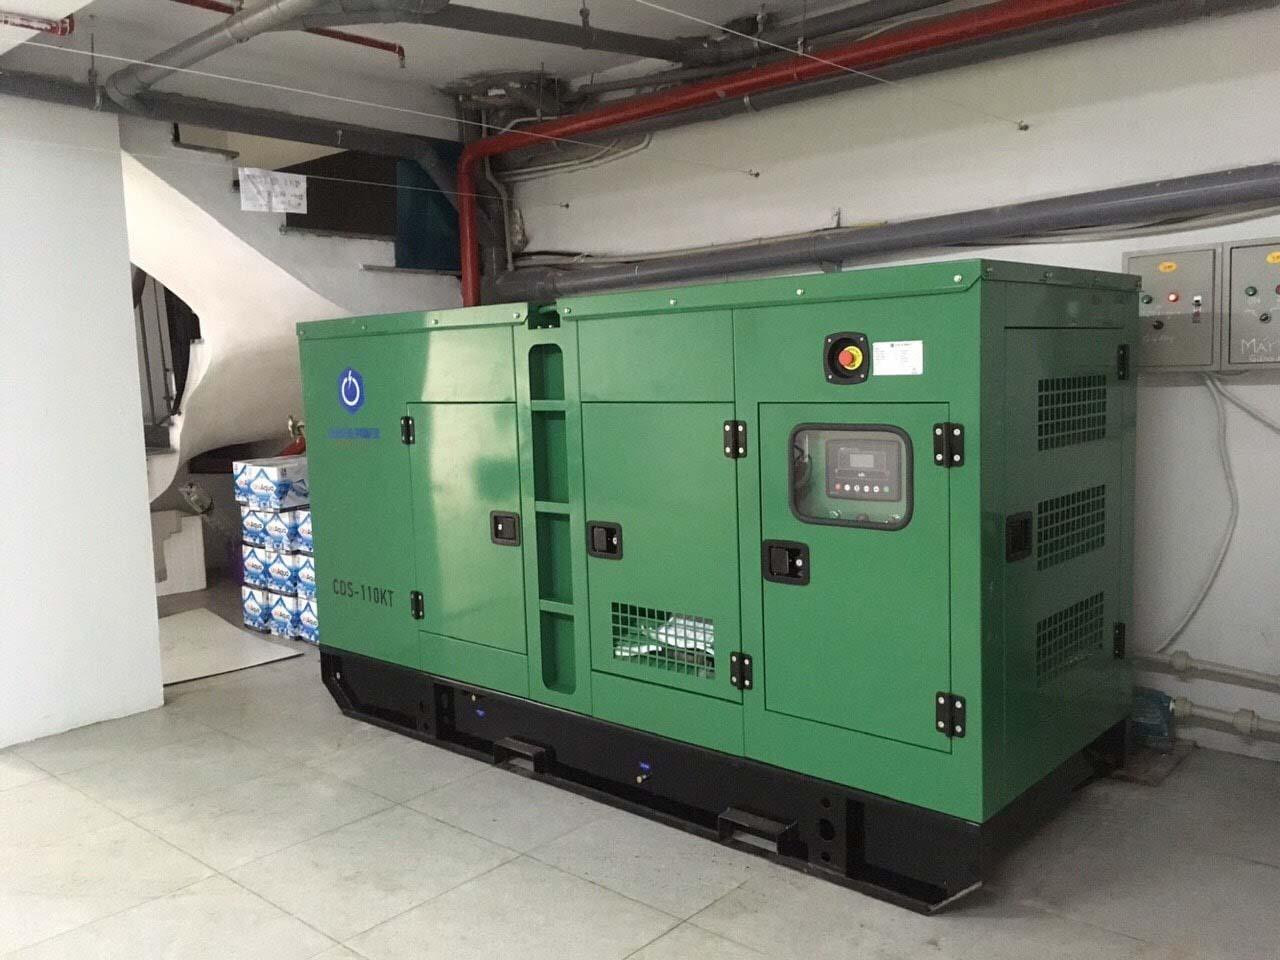 Máy phát điện Cummins 100kVA được đặt dưới tầng hầm của khách sạn